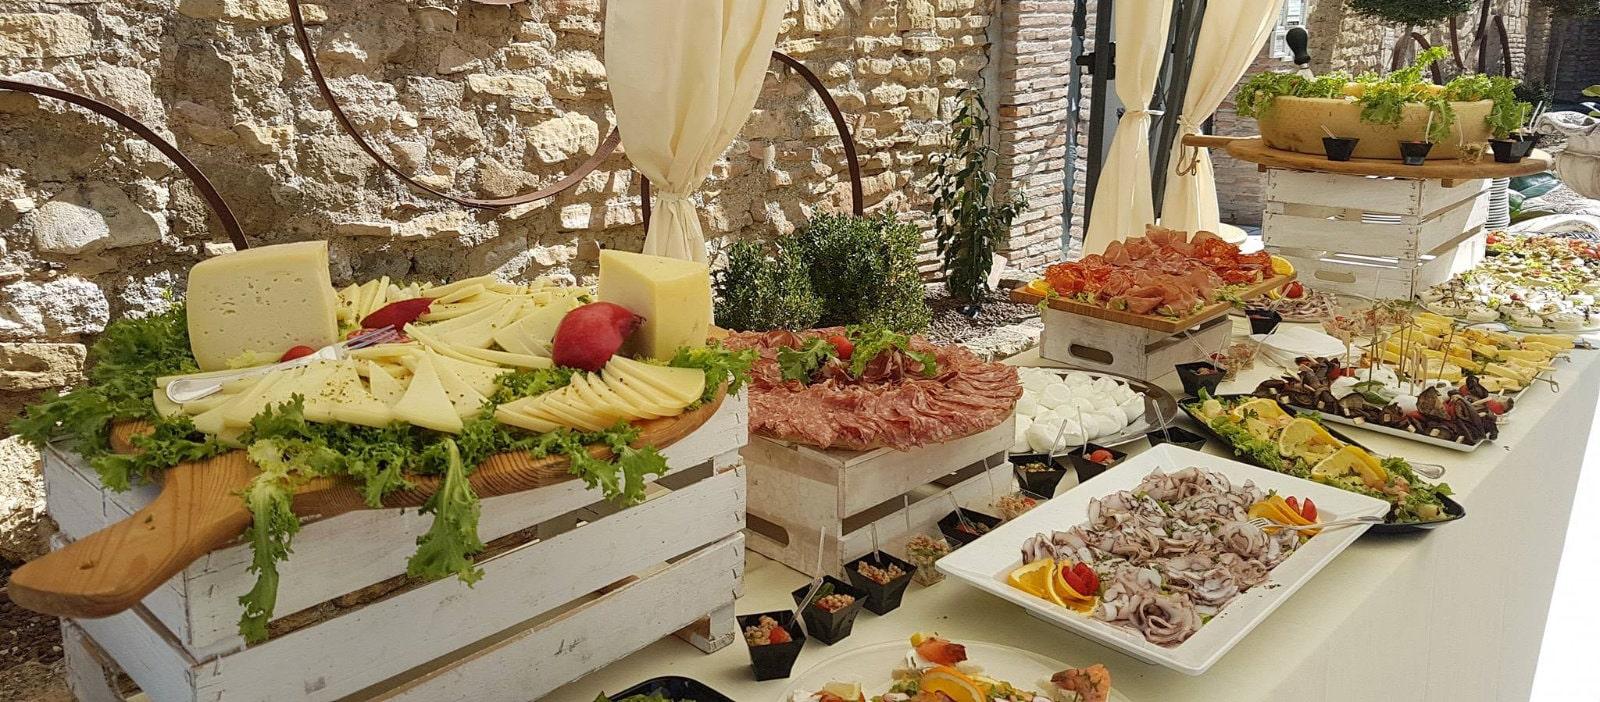 gastronomia-in-provincia-di-roma-1600x702